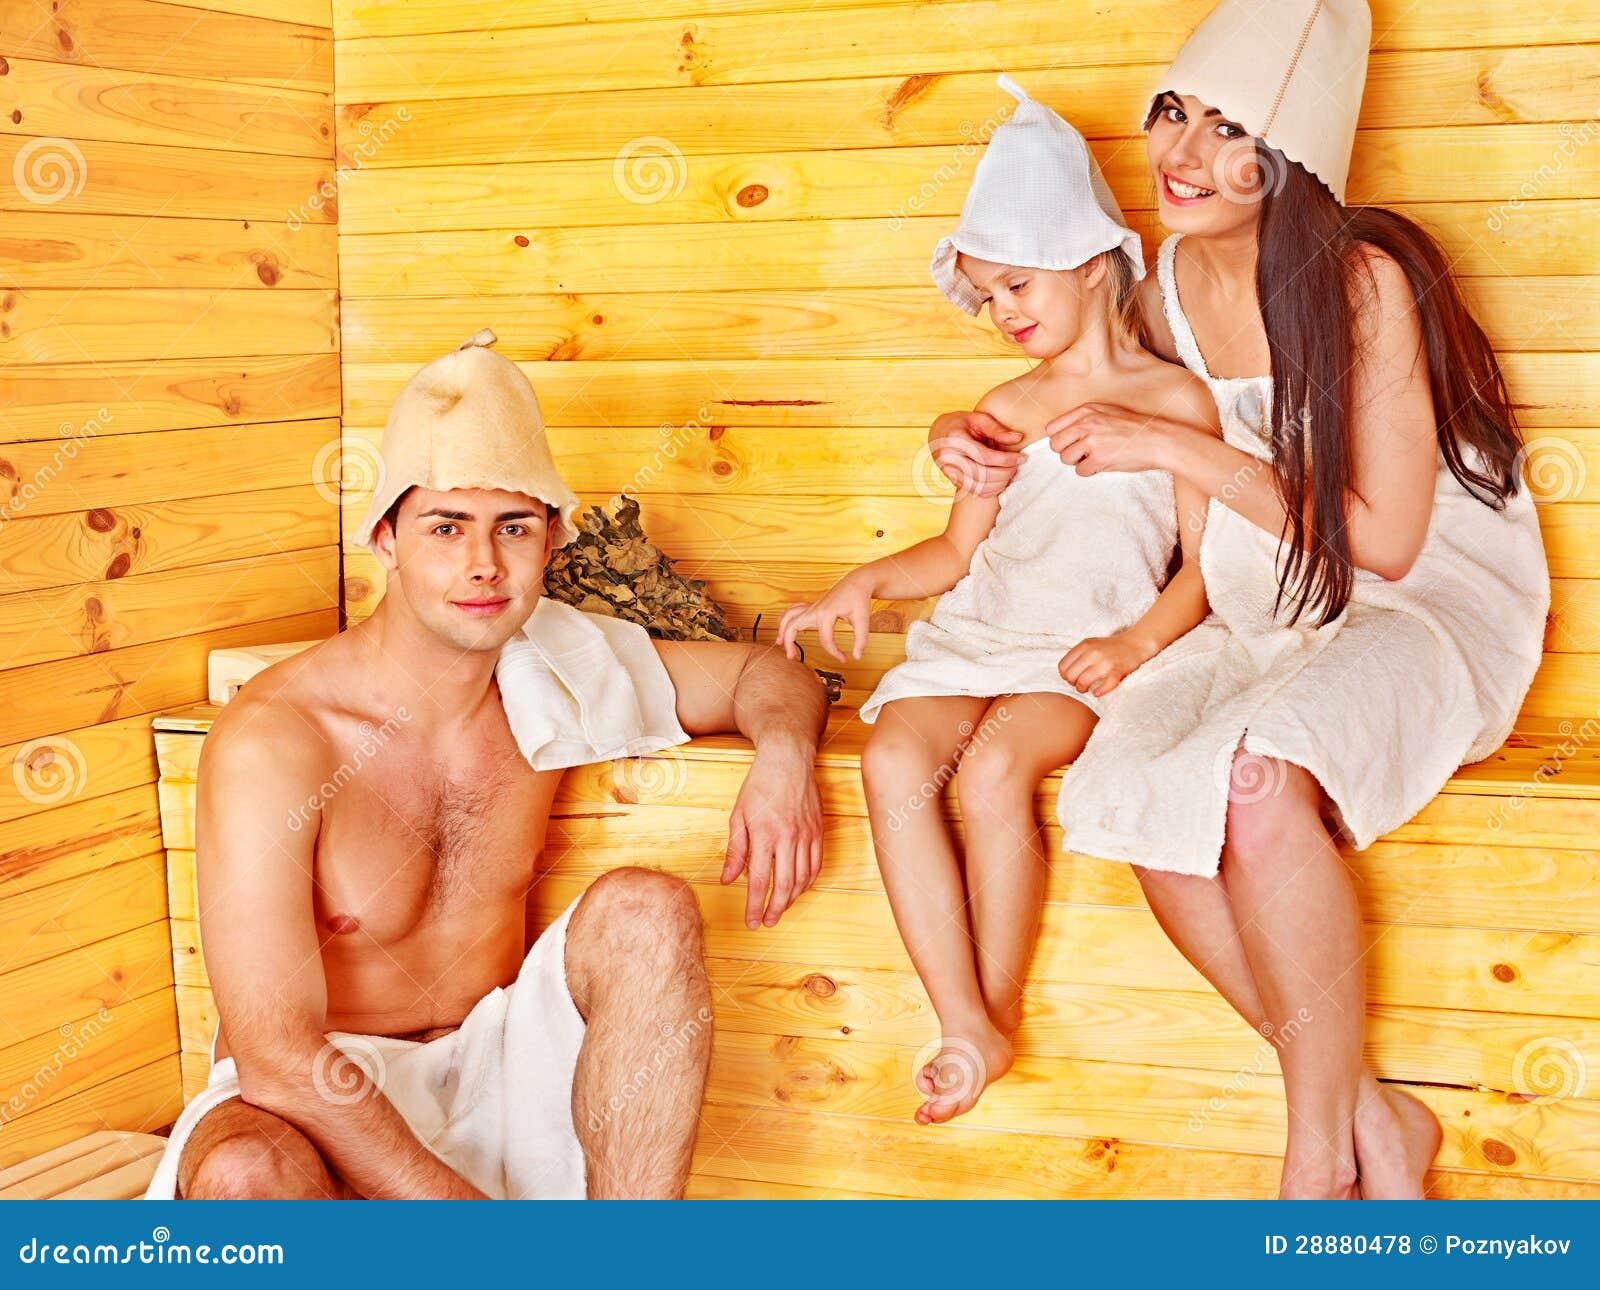 Фото в сауне семьями 23 фотография